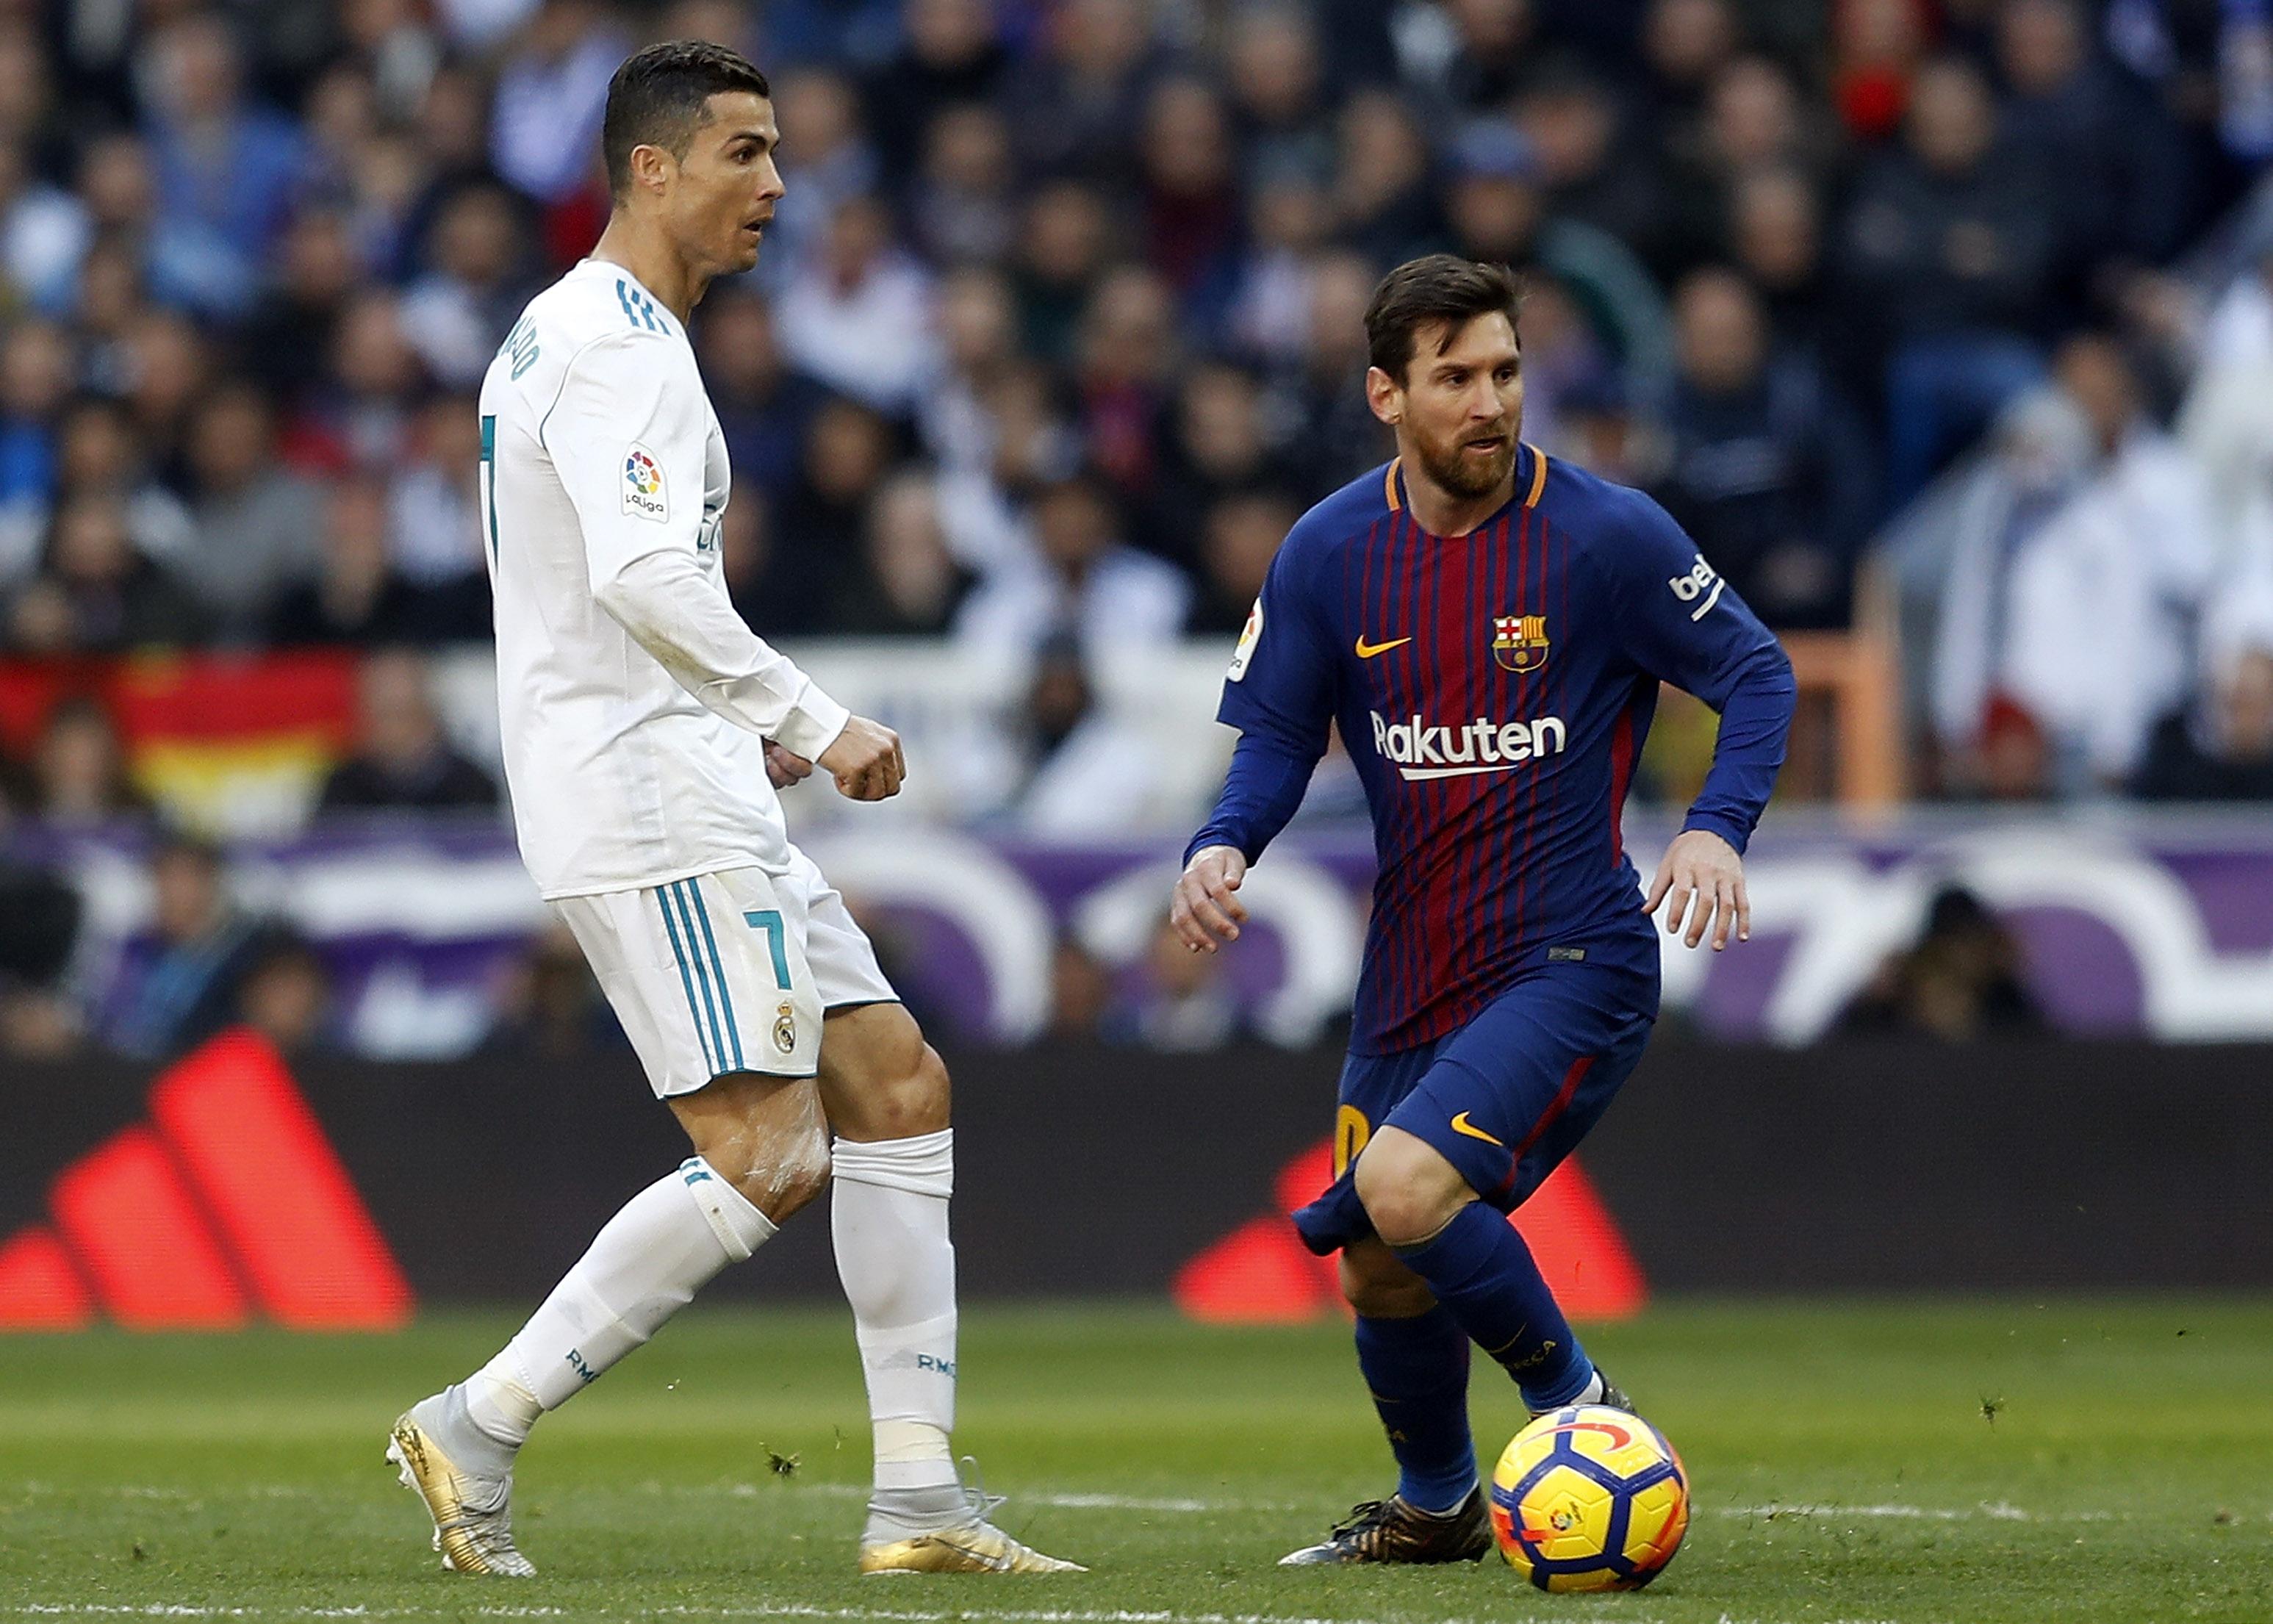 Cristiano Ronaldo and Lionel Messi - Real Madrid v Barcelona - La Liga